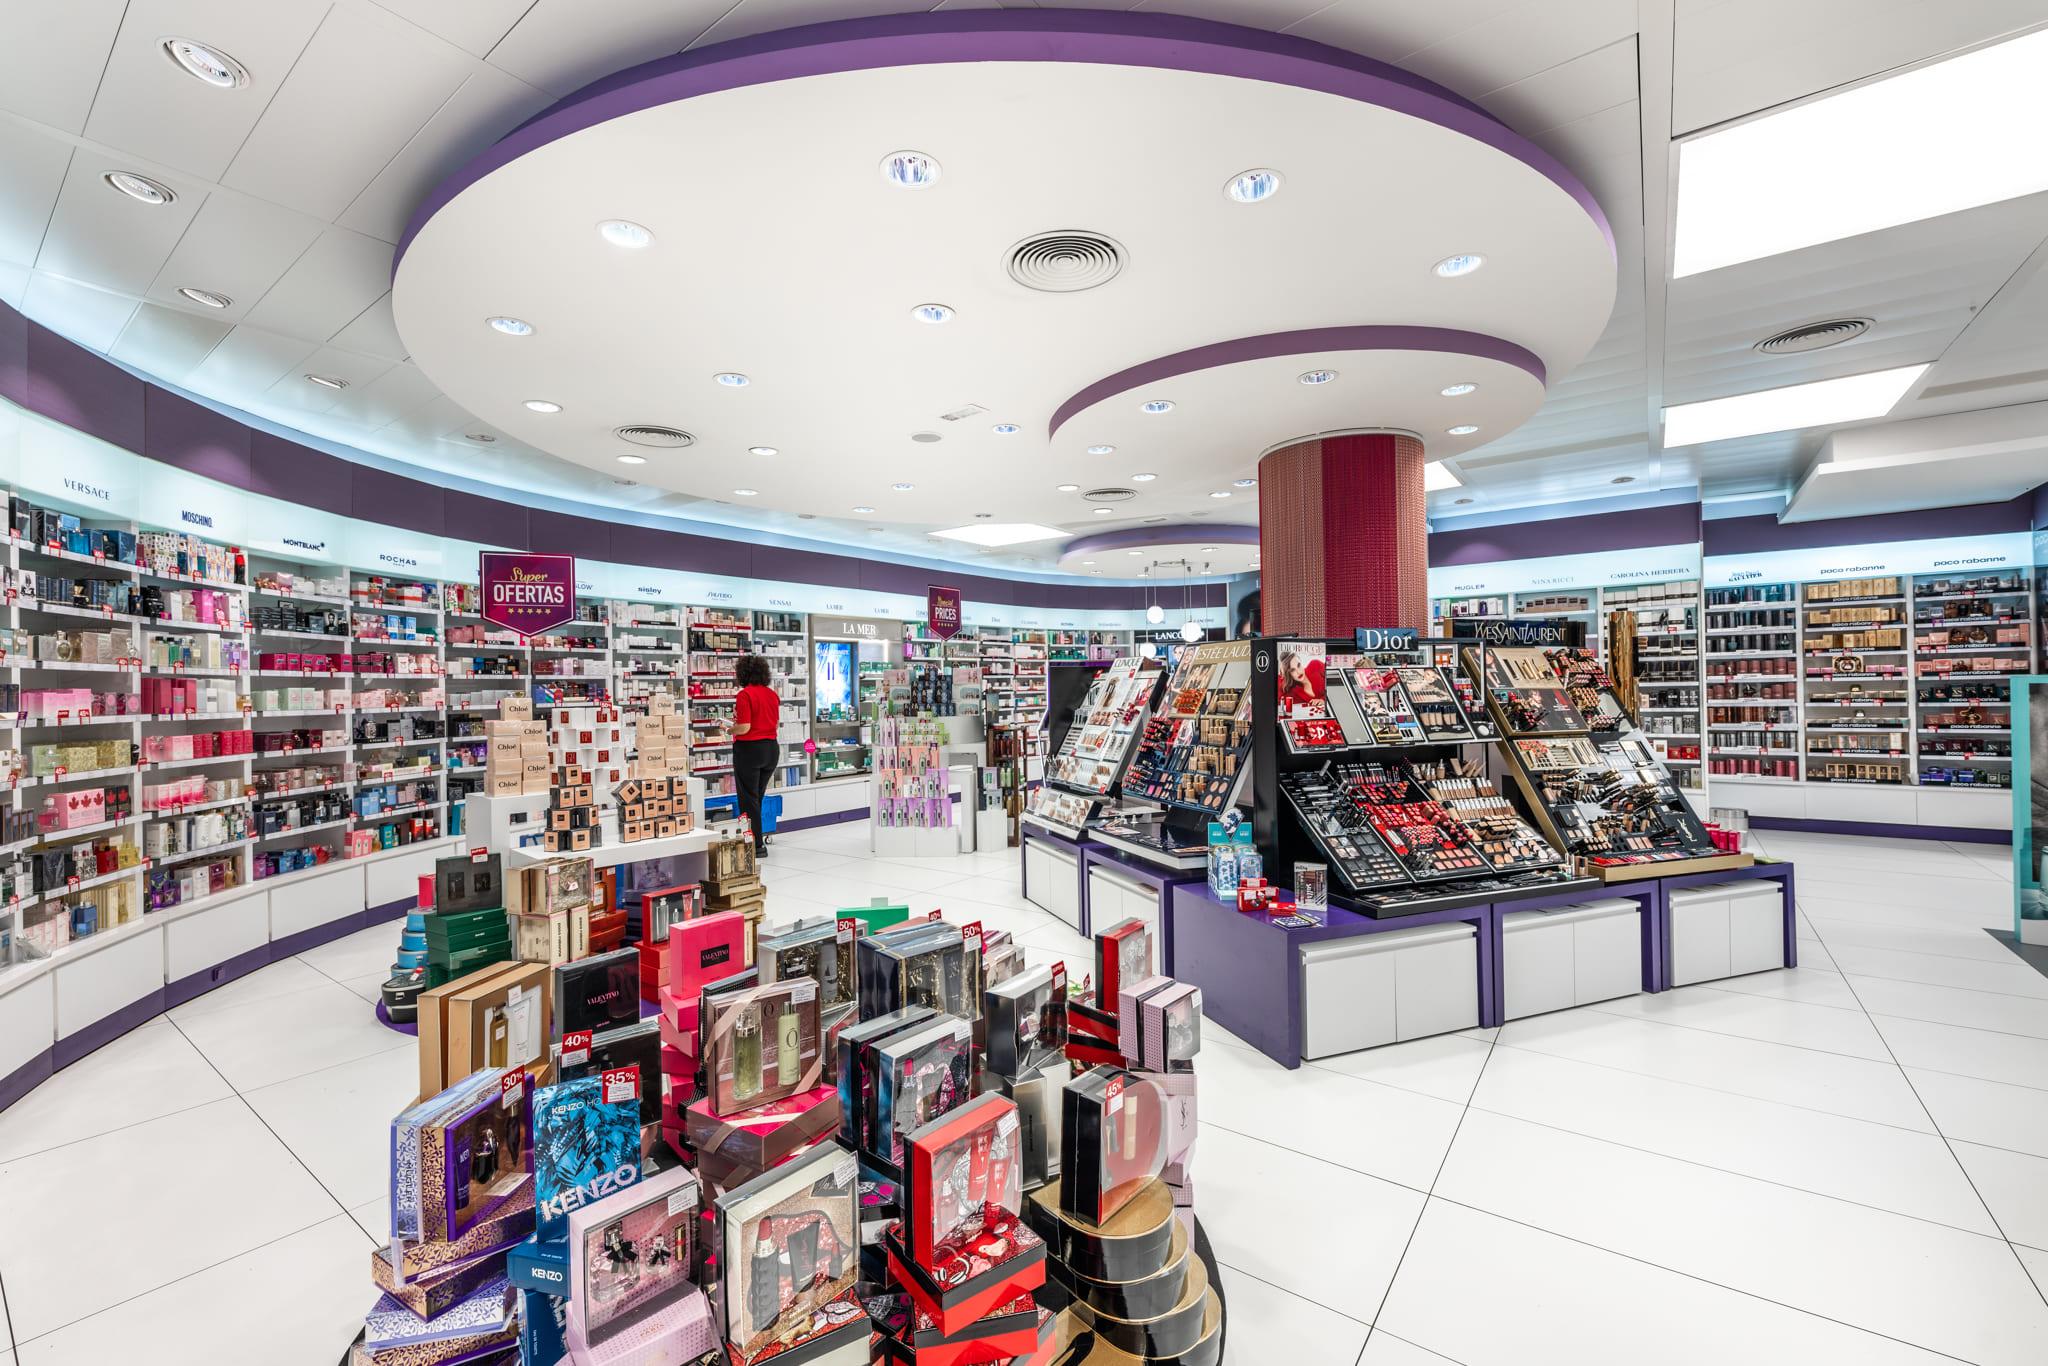 Perfumería dalia con dos círculos techo, expositores colorido y cajas en el suelo